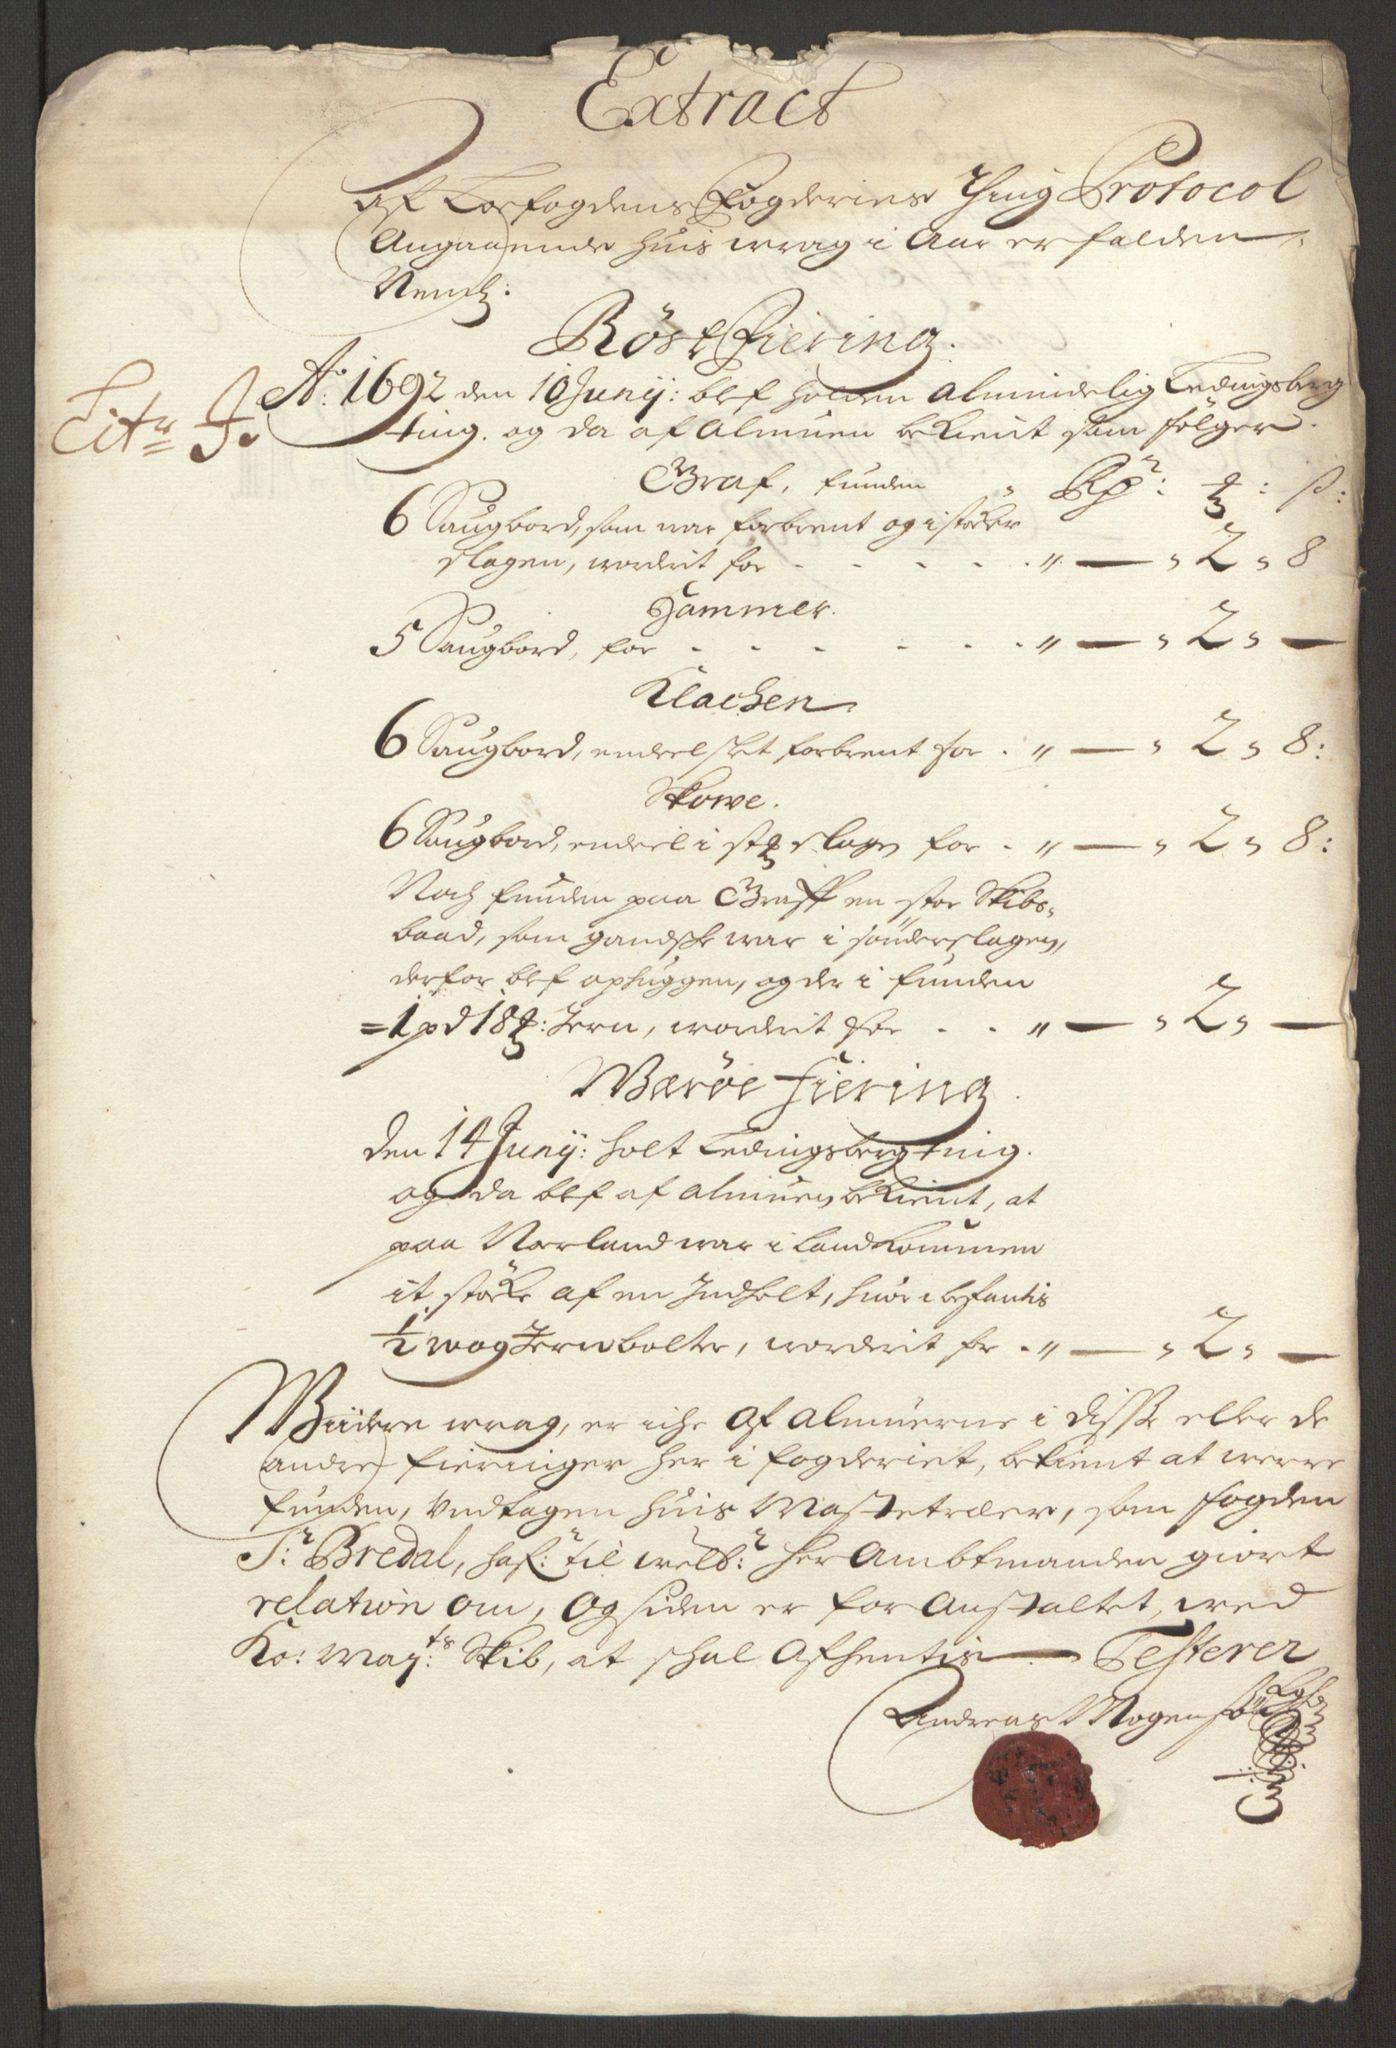 RA, Rentekammeret inntil 1814, Reviderte regnskaper, Fogderegnskap, R67/L4675: Fogderegnskap Vesterålen, Andenes og Lofoten, 1691-1693, s. 196